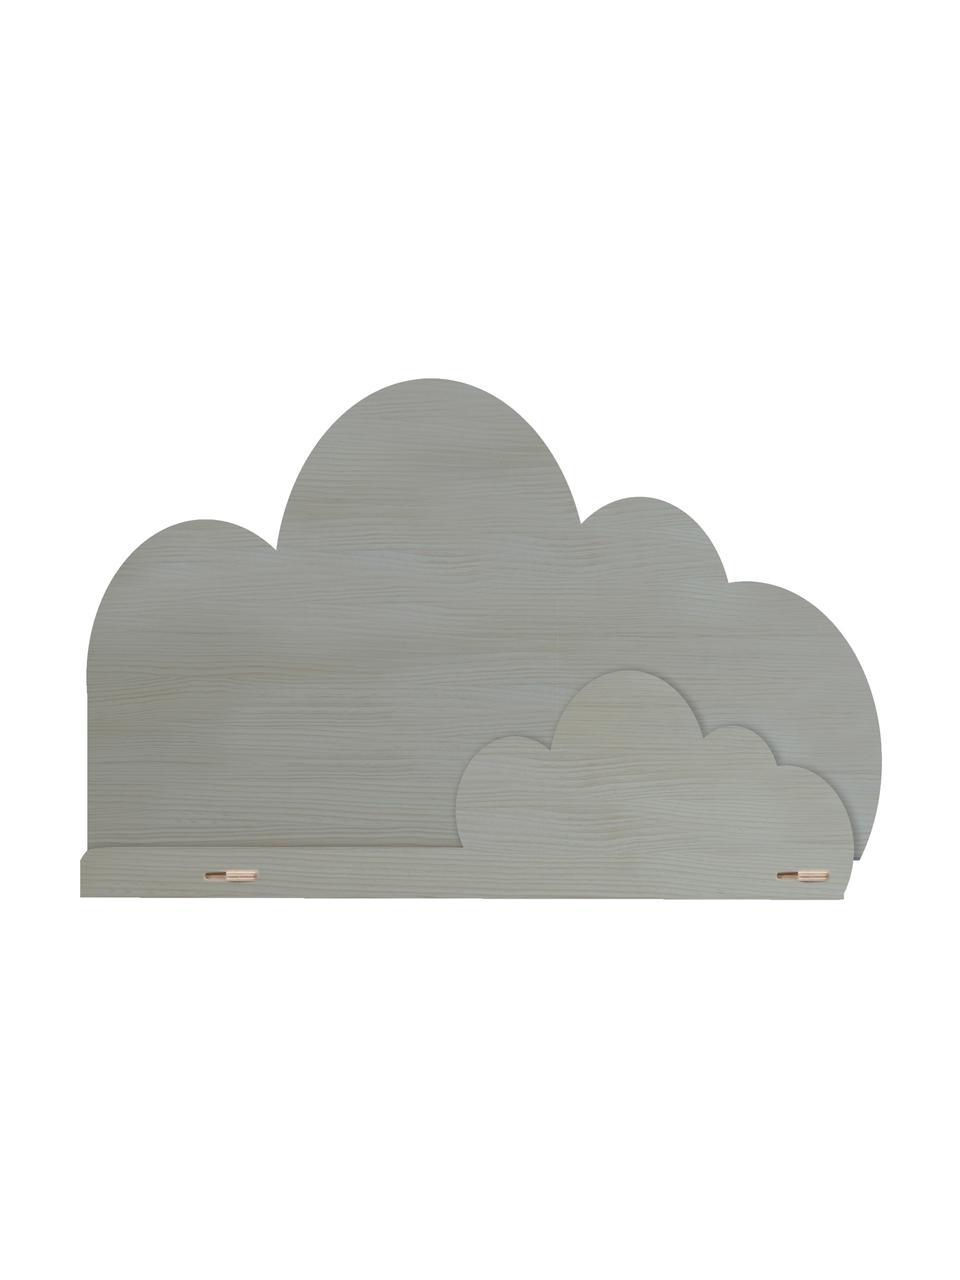 Wandregal Cloud, Sperrholz, beschichtet, Grau, 45 x 30 cm